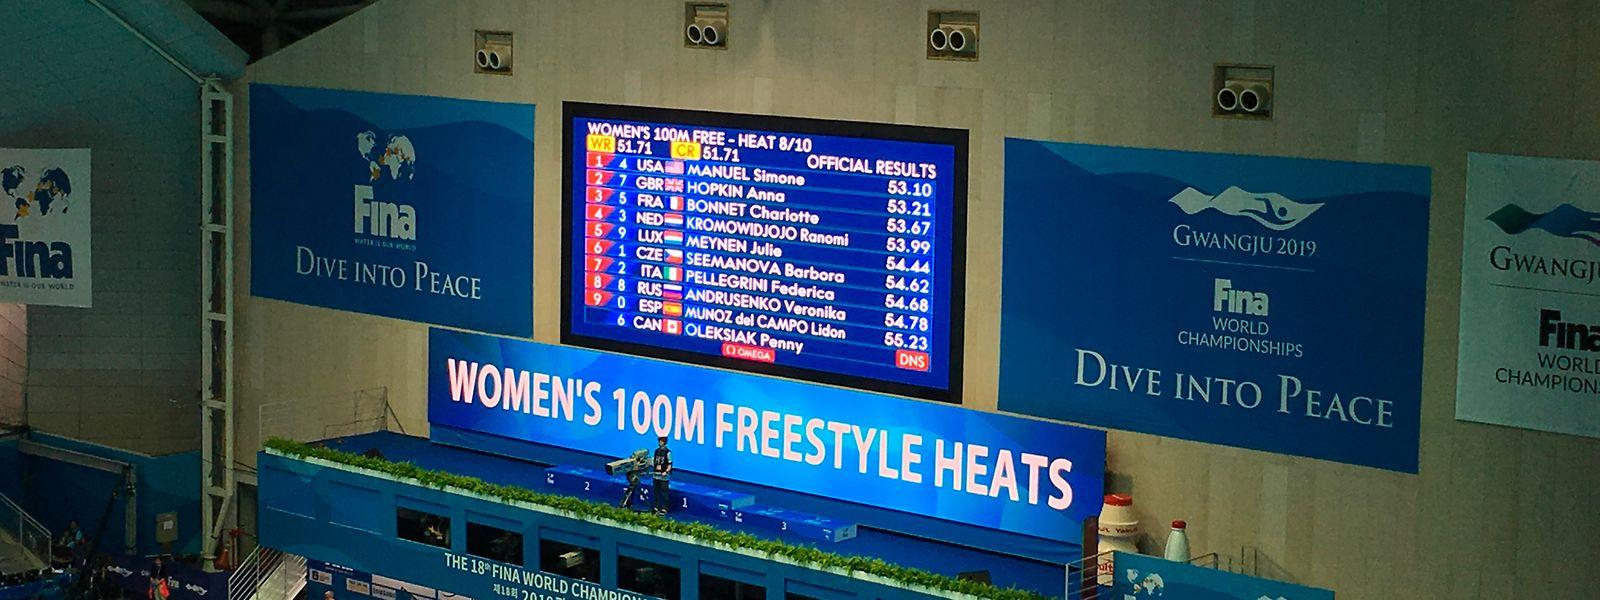 Julie Meynen fehlen sechs Hundertstel, um sich für Olympia zu qualifizieren.